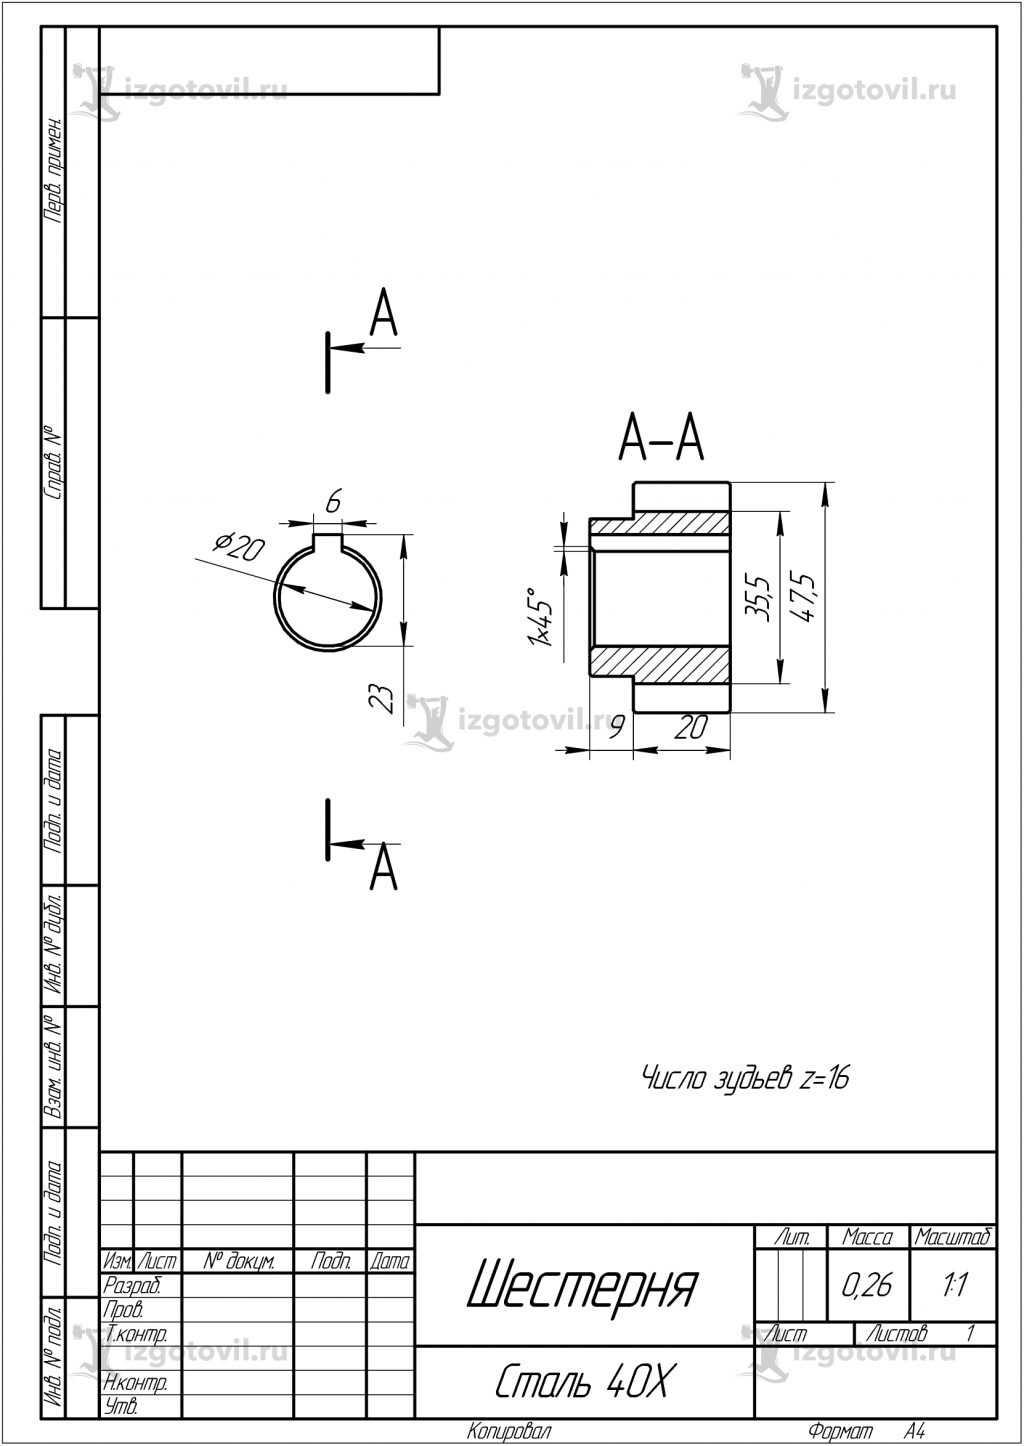 Изготовление шестерен (шестерни)